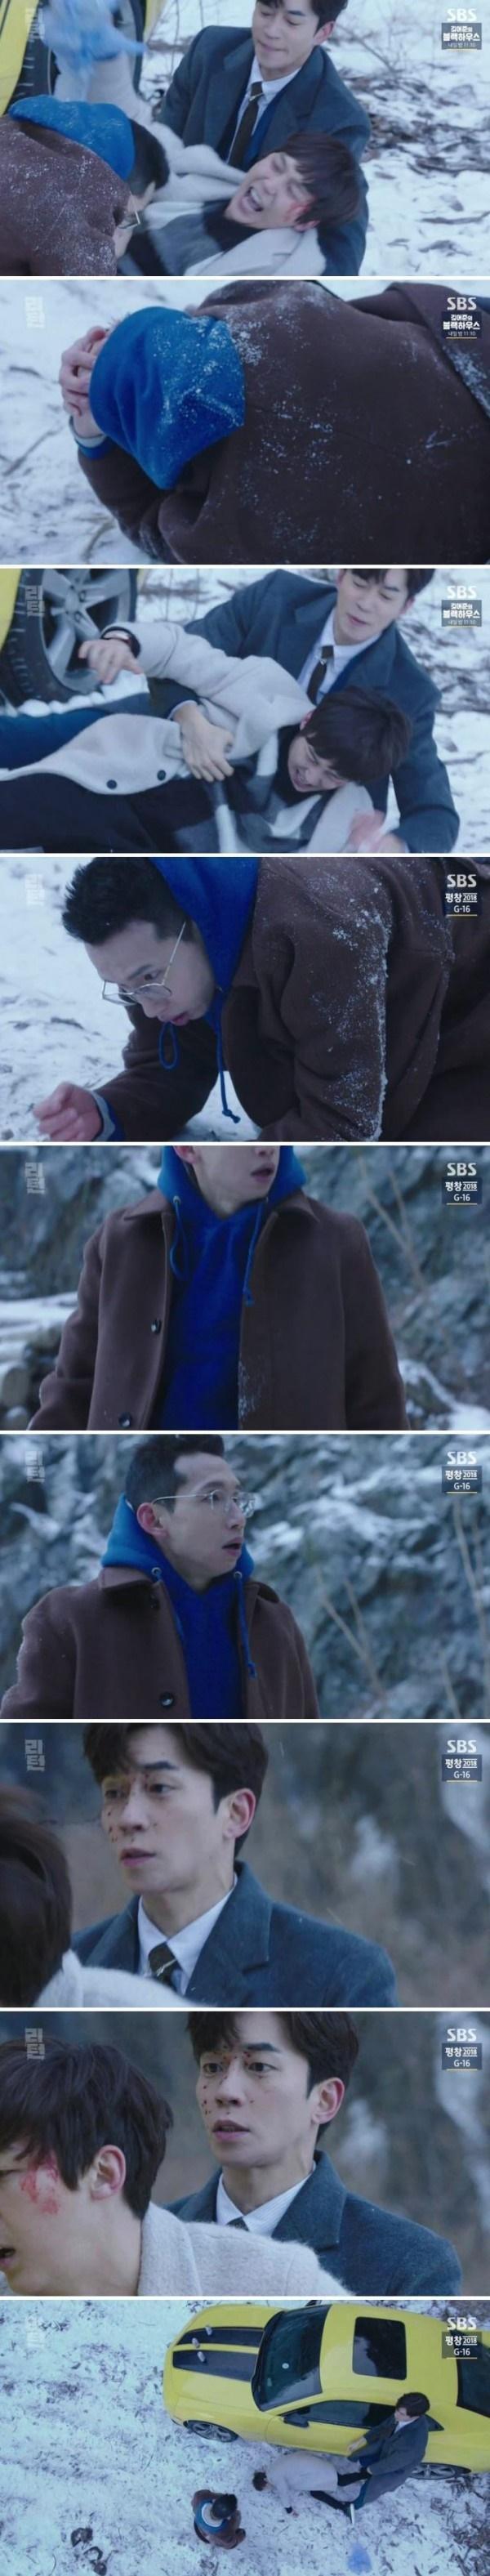 'Return' - Netizen Hàn đã nói gì về bộ phim hình sự hot nhất hiện nay?-5